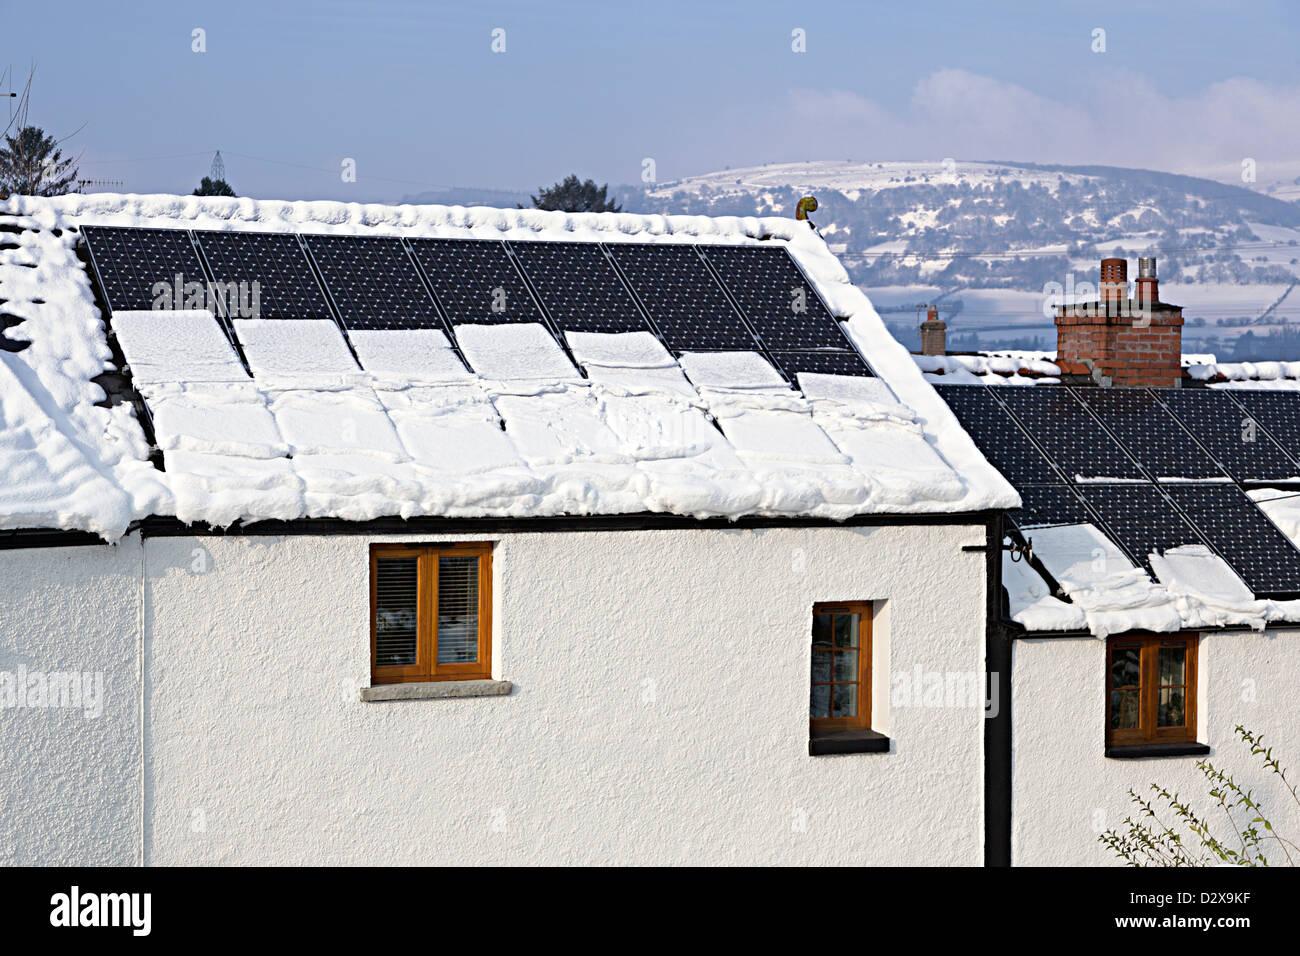 Snow deslizando paneles solares PV y poner peso sobre las canaletas de casa, Llanfoist, Wales, REINO UNIDO Imagen De Stock